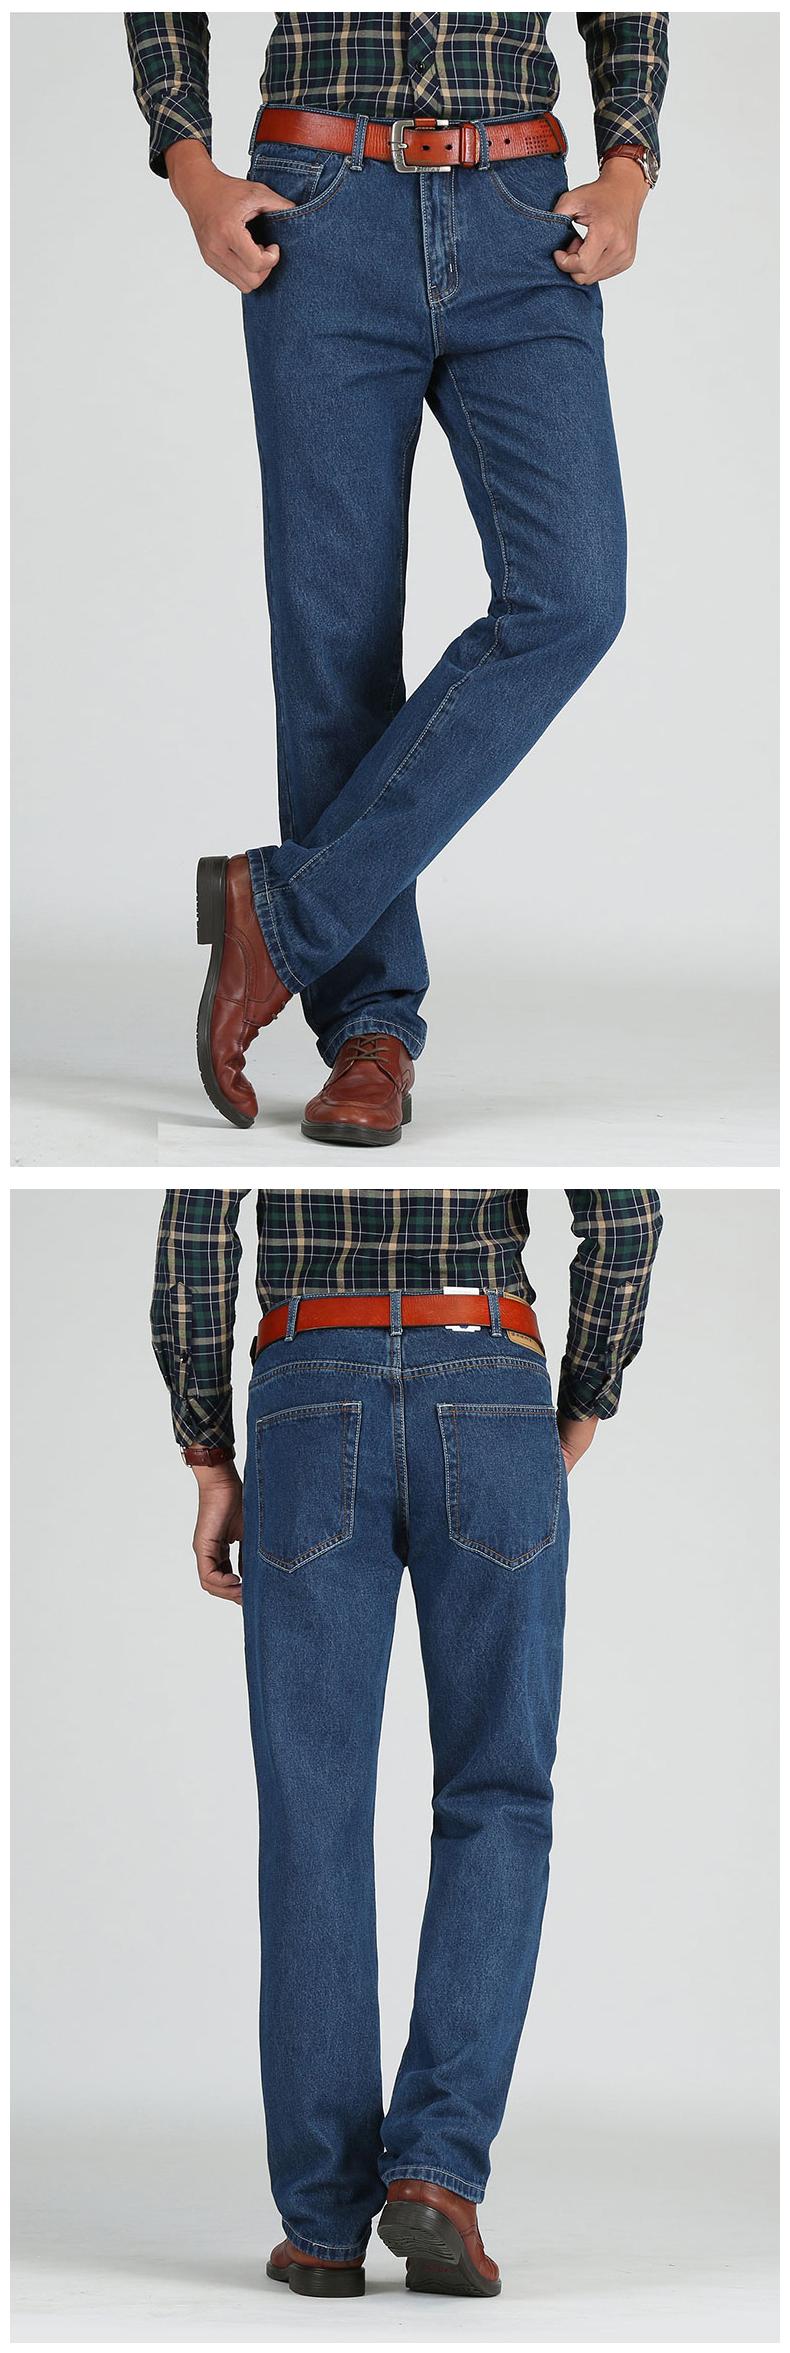 TIGER CASTLE Men Cotton Straight Classic Jeans Baggy Plus Size Spring Autumn Men's Denim Pants Straight Designer Trousers Male 14